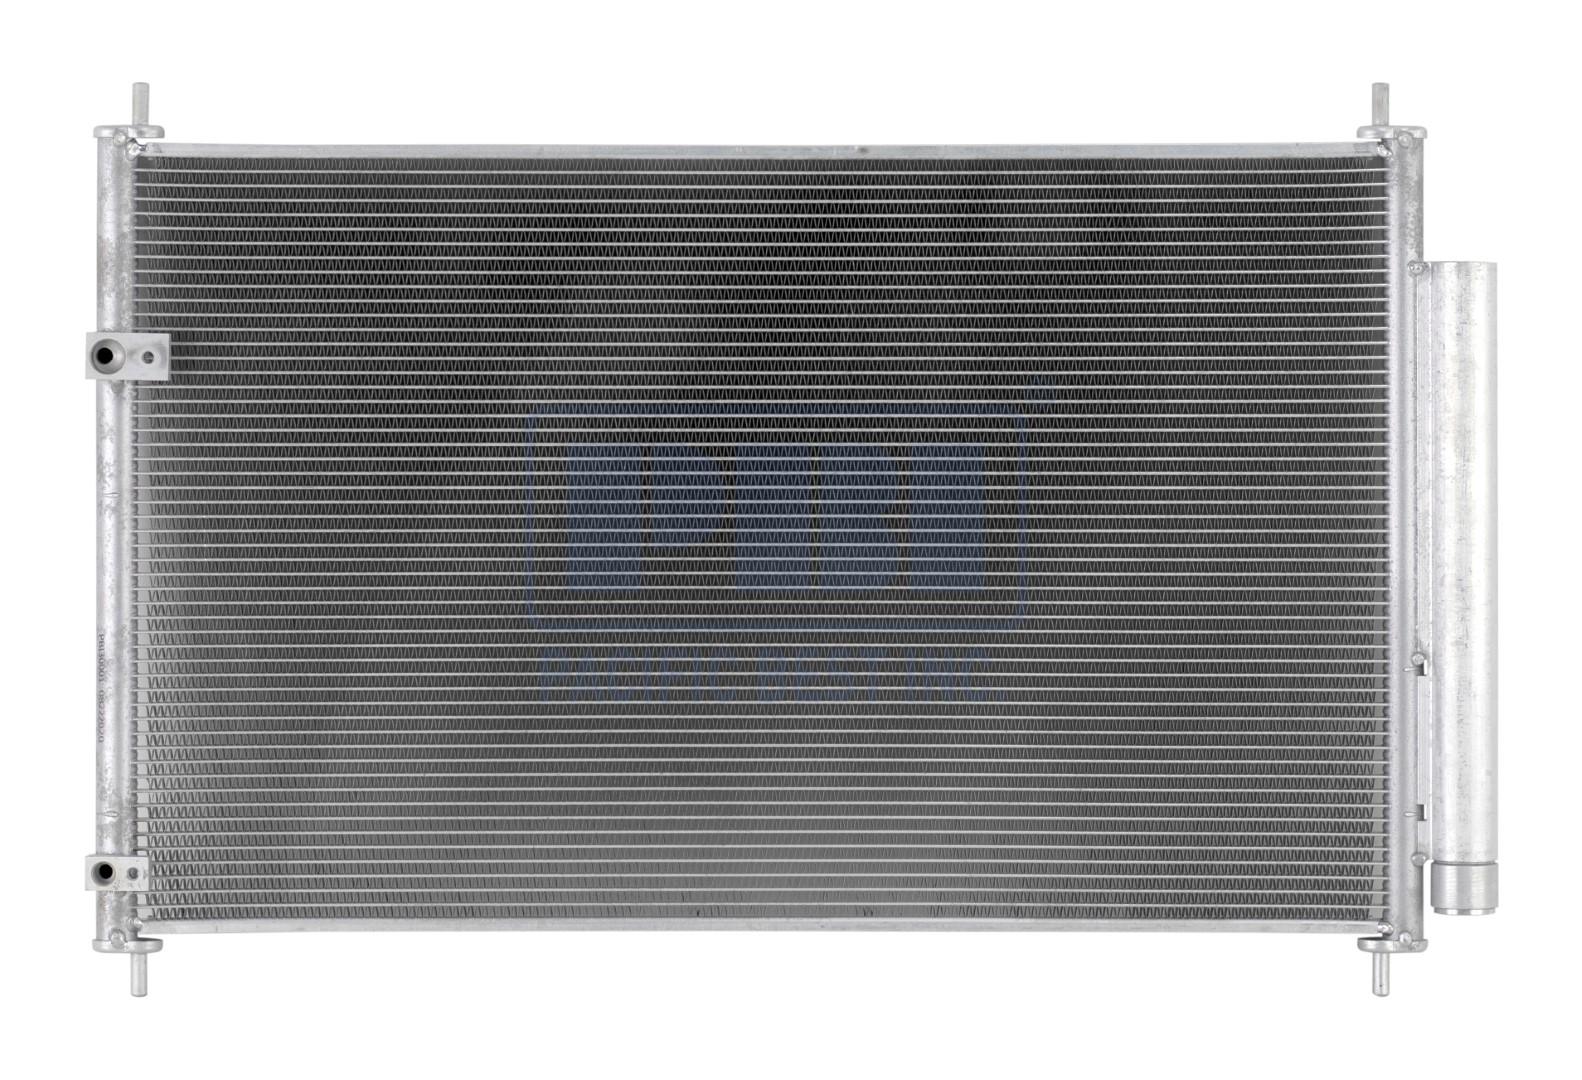 Scion Im Pc30001kp A/c Condenser ; W/r&d; Parallel Flow